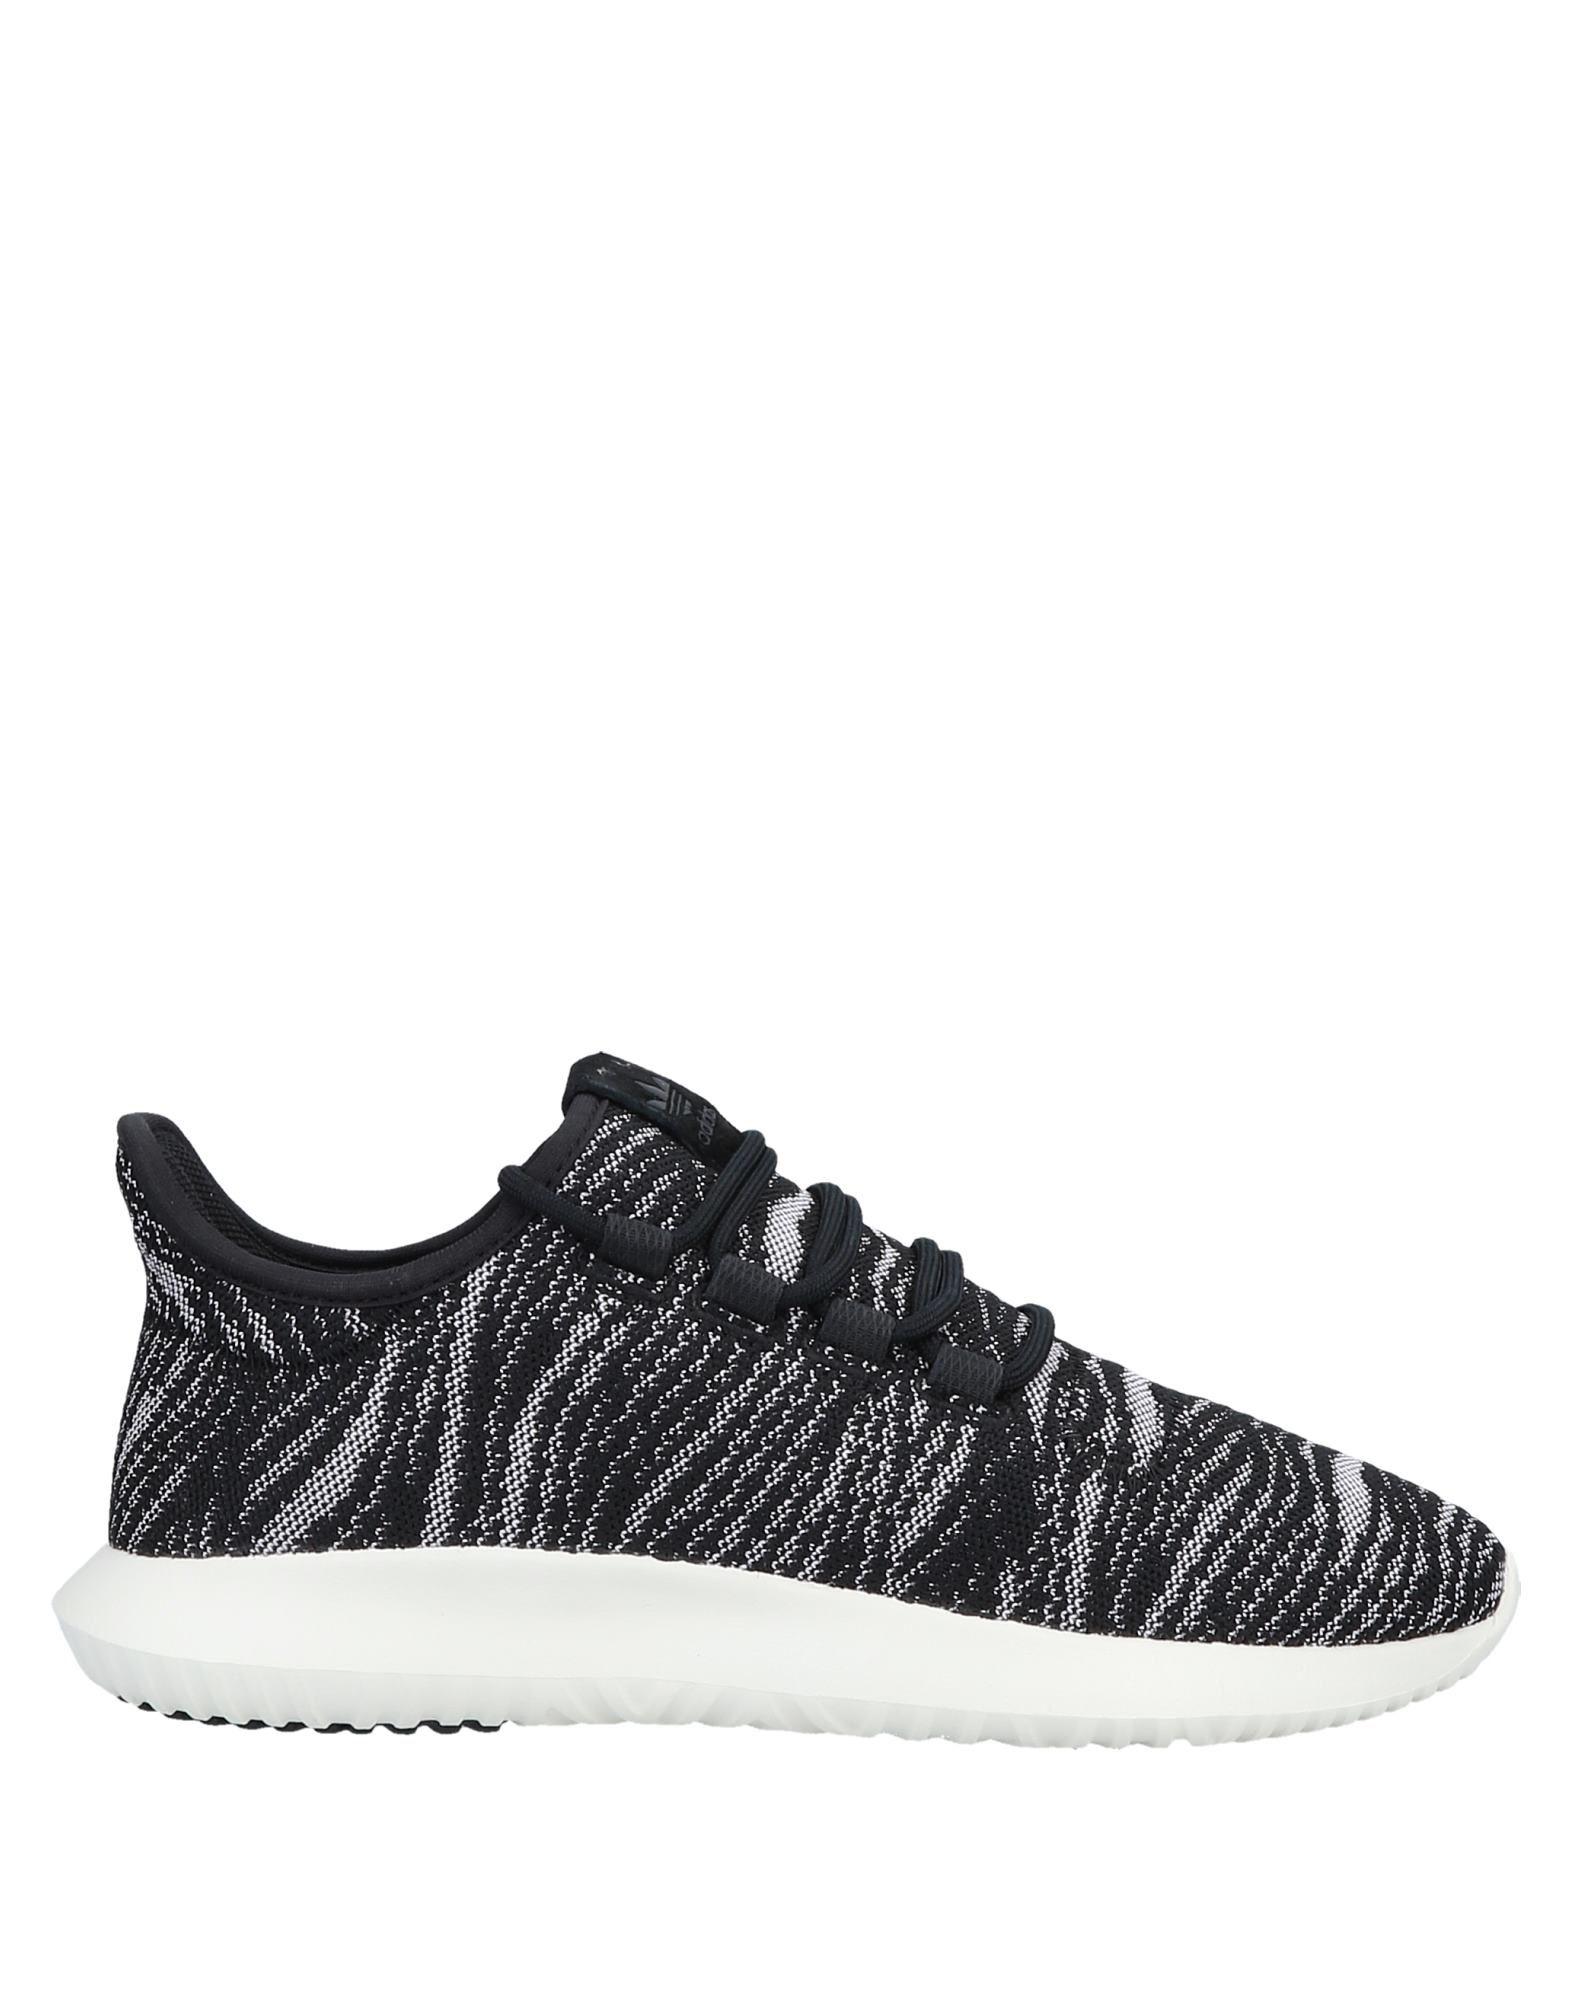 Zapatillas Adidas Originals Mujer - Originals Zapatillas Adidas Originals -  Negro 215da0